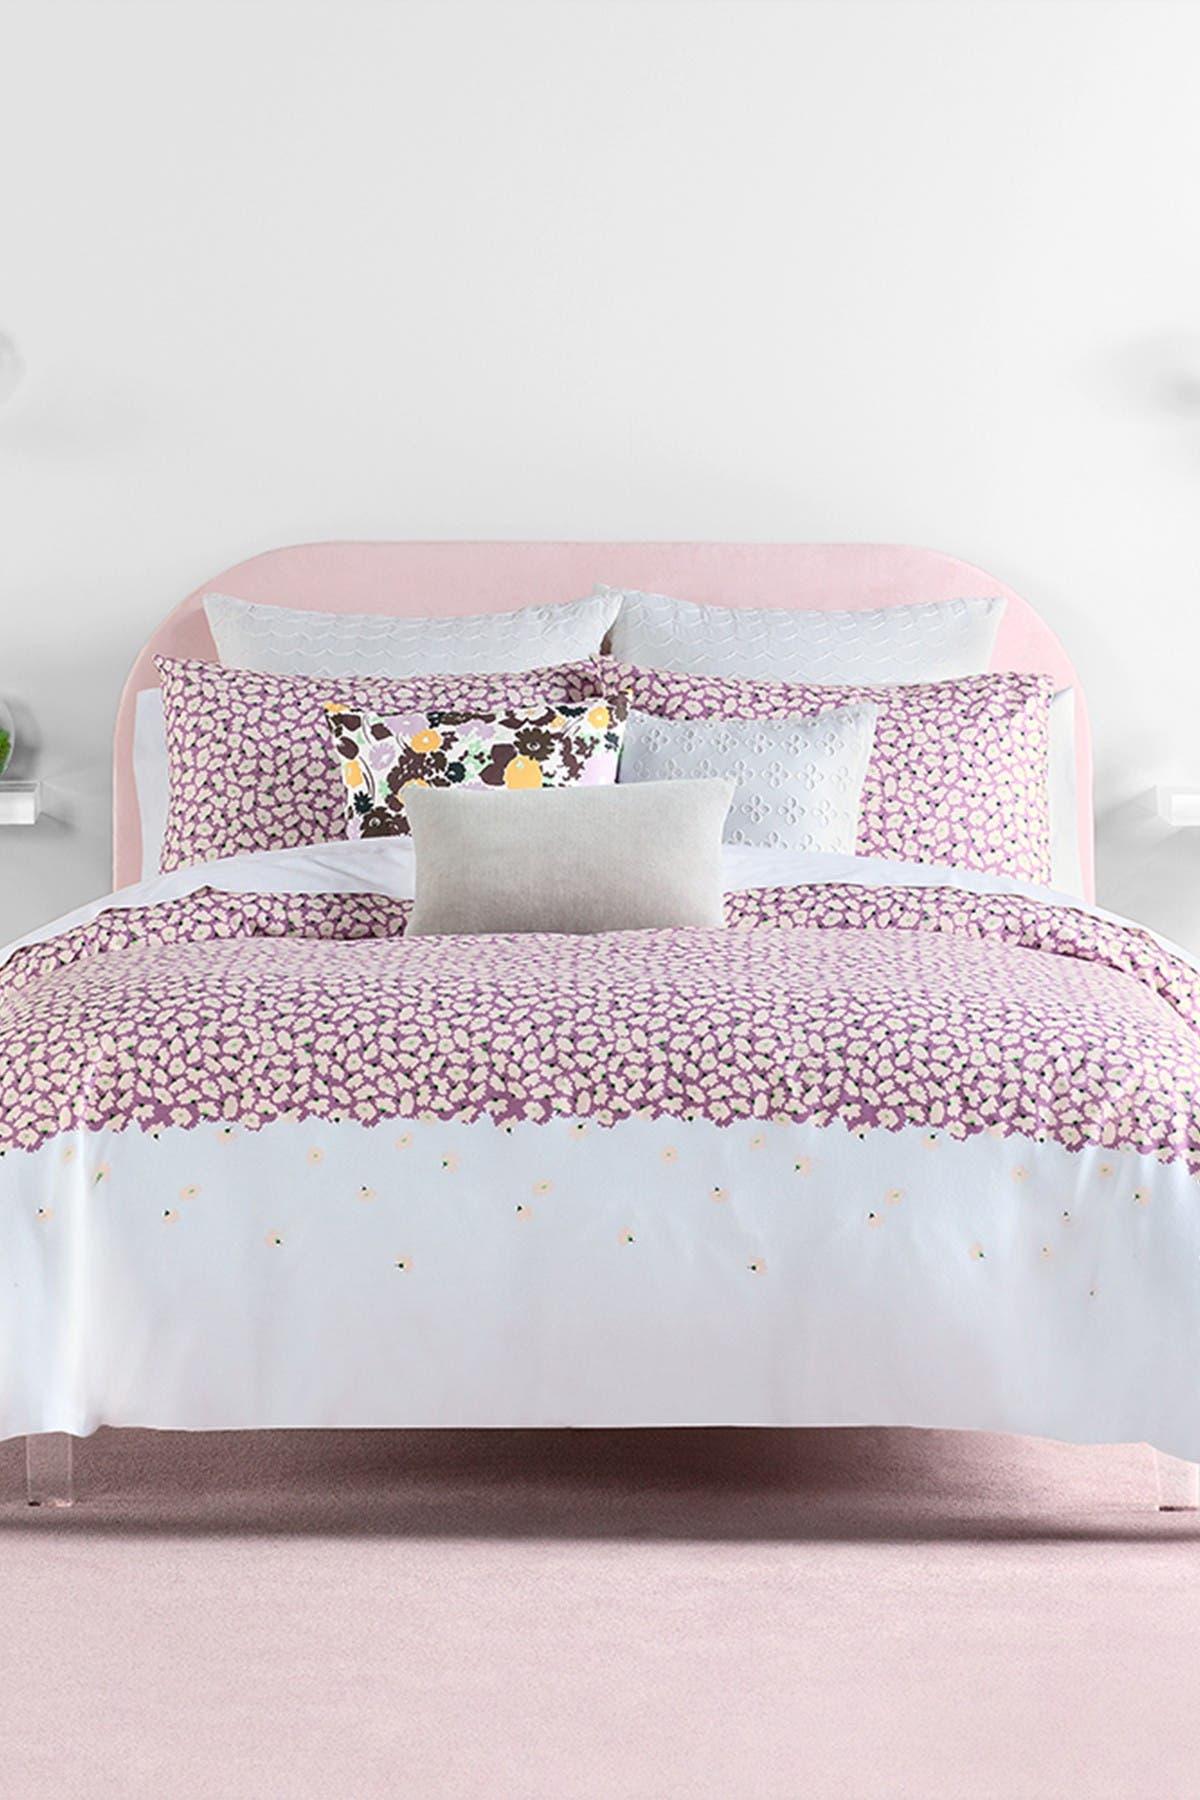 Image of kate spade new york lavender carnation full duvet cover set